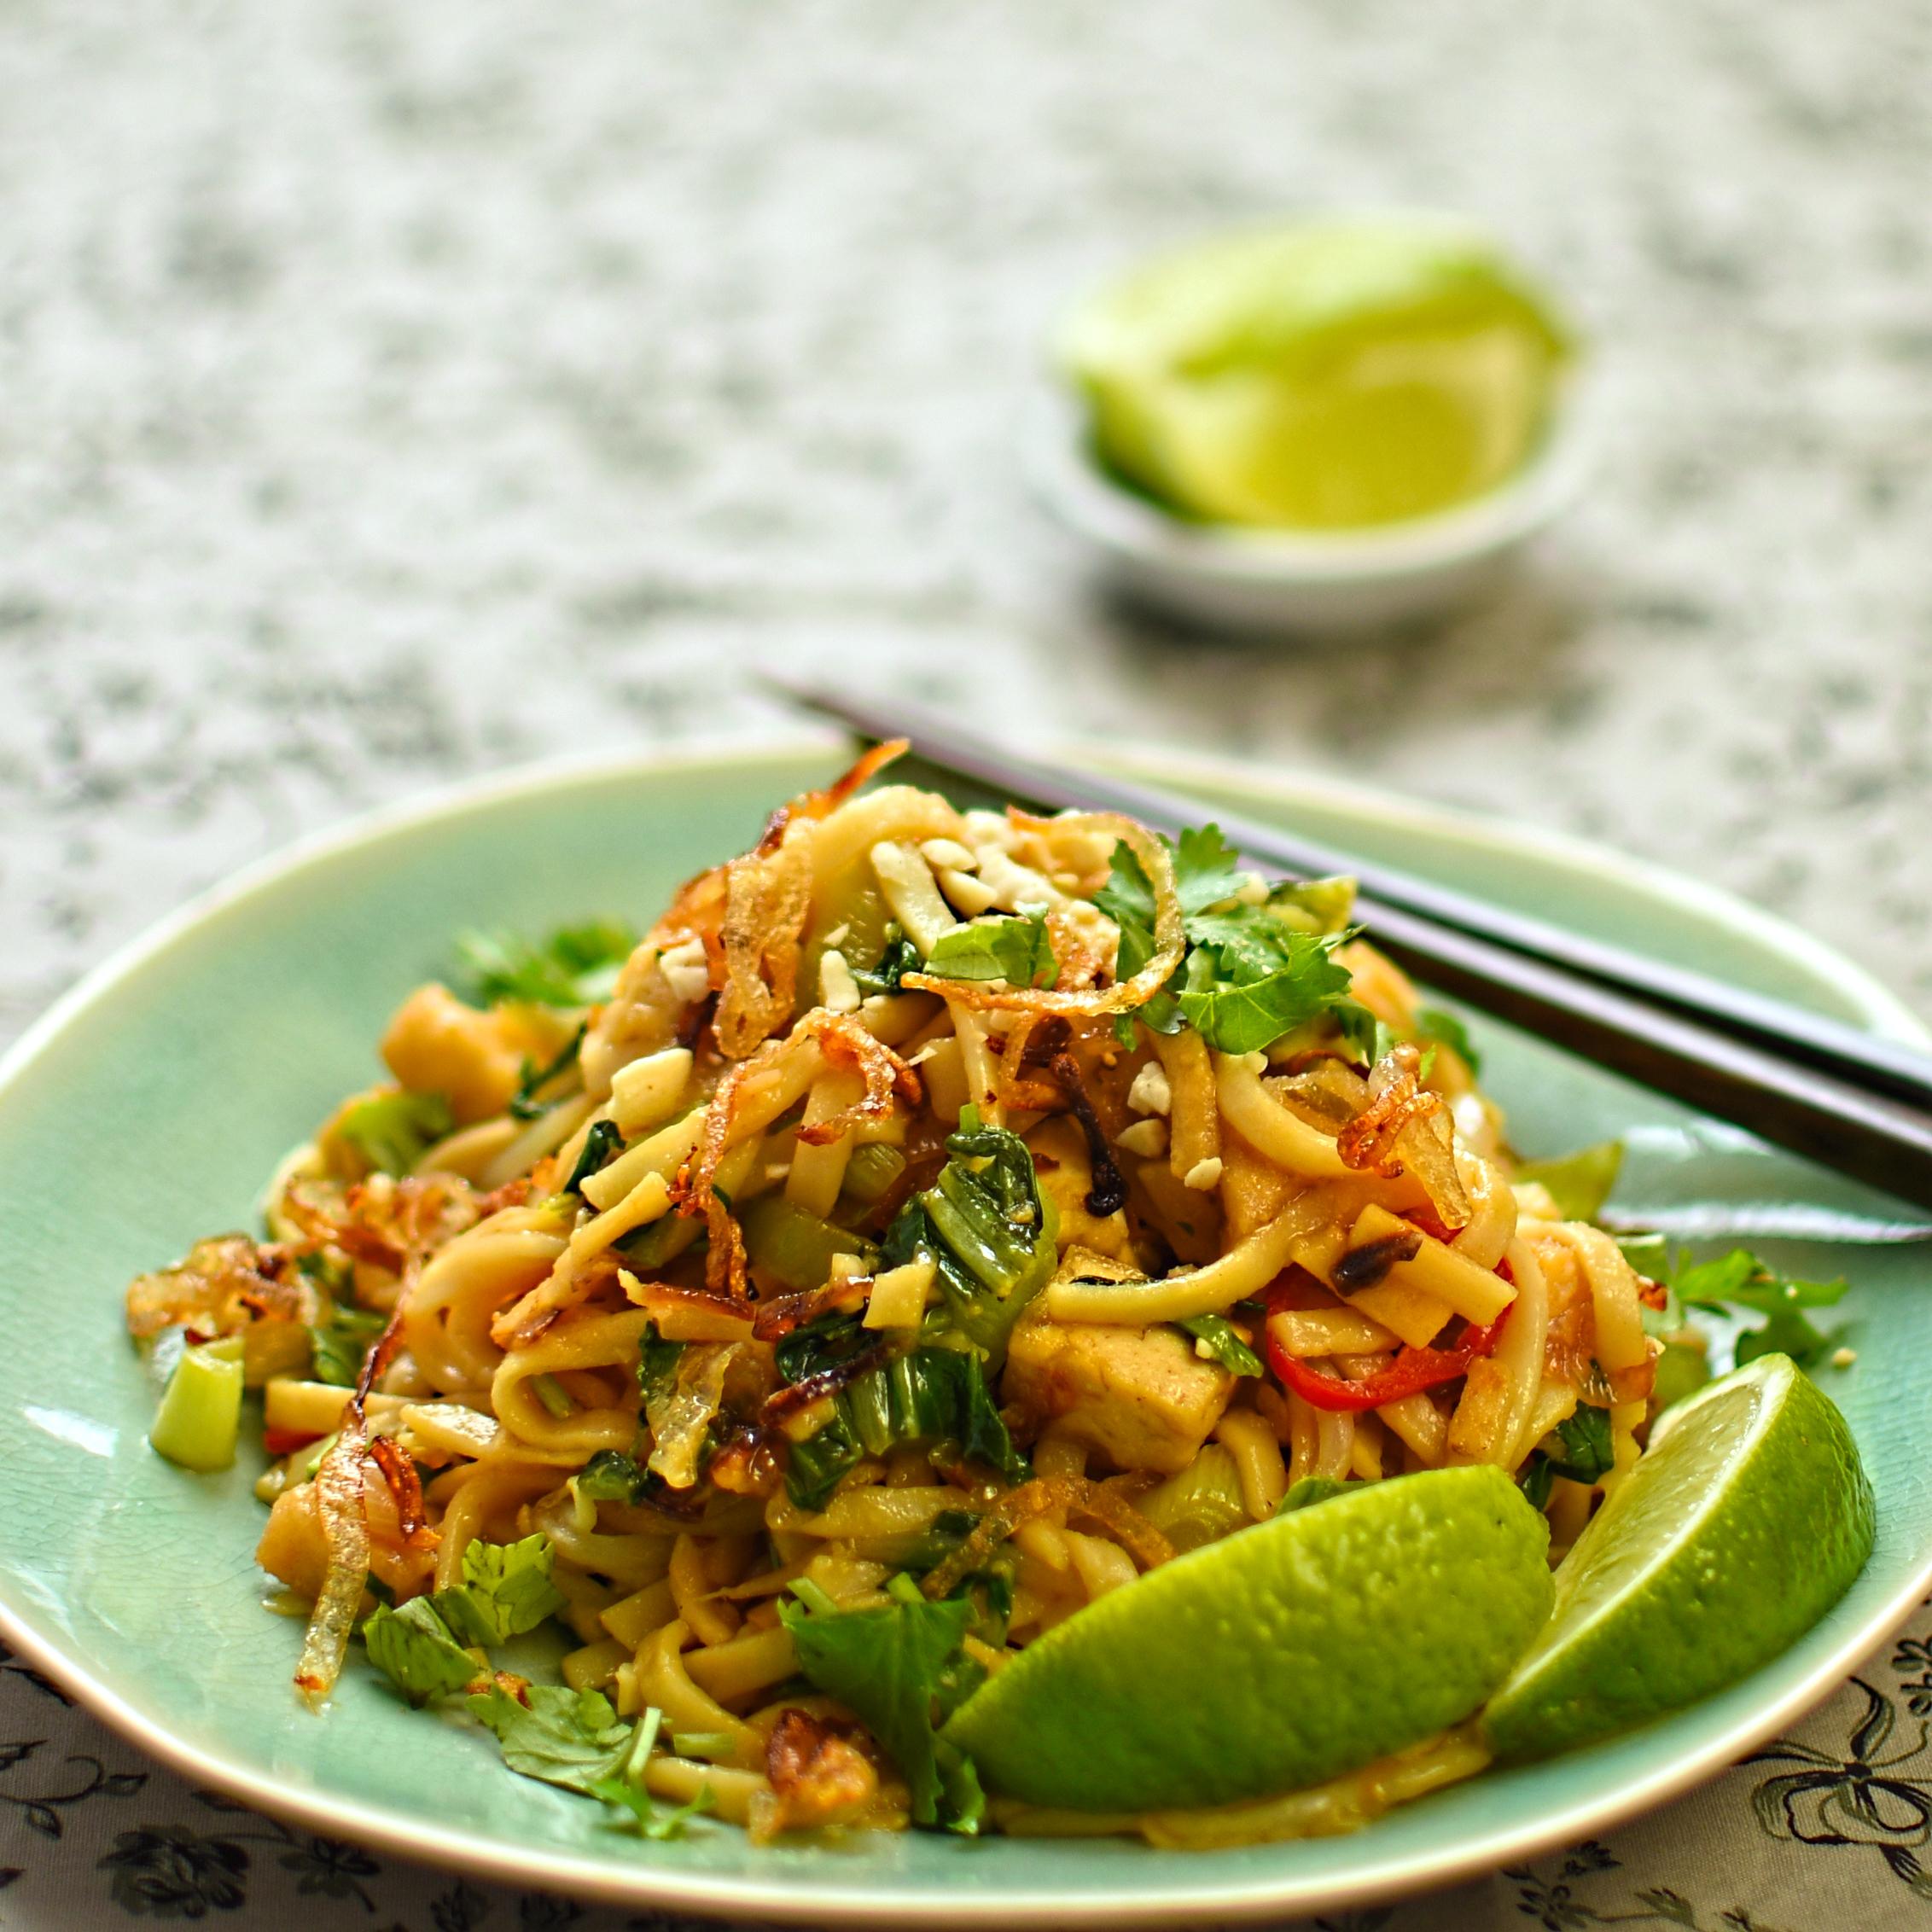 Most Popular Thai Food Recipes